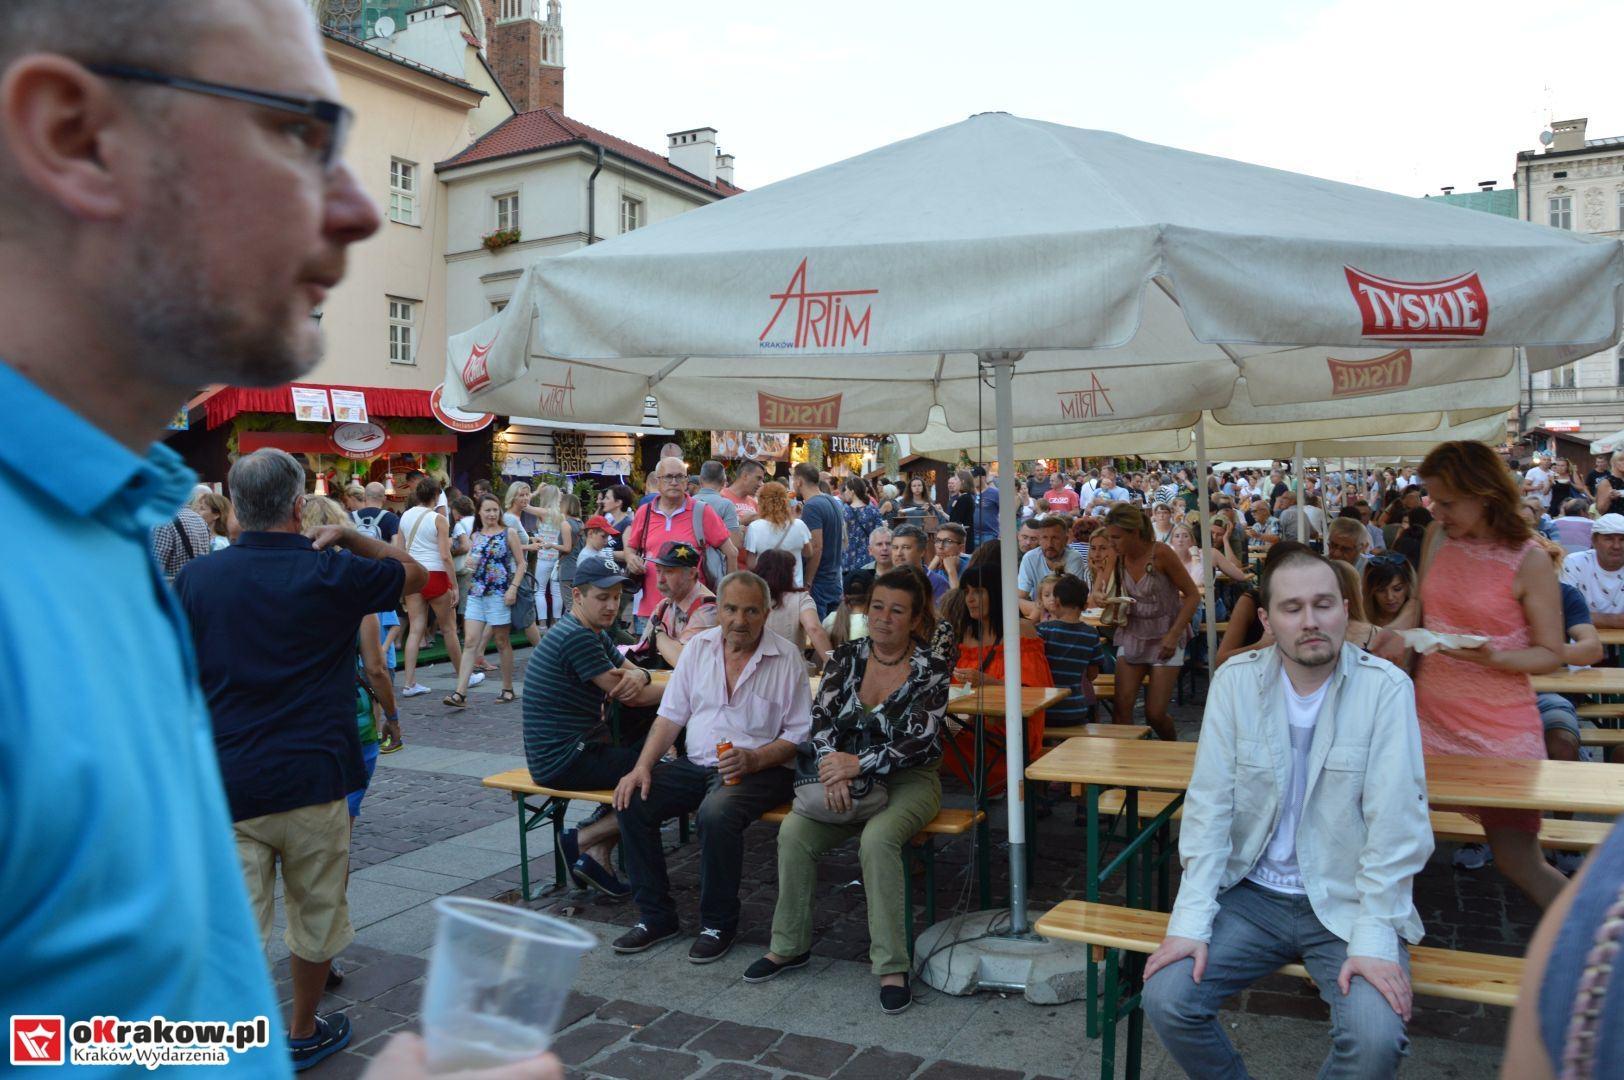 krakow festiwal pierogow maly rynek koncert cheap tobacco 120 150x150 - Galeria zdjęć Festiwal Pierogów Kraków 2018 + zdjęcia z koncertu Cheap Tobacco